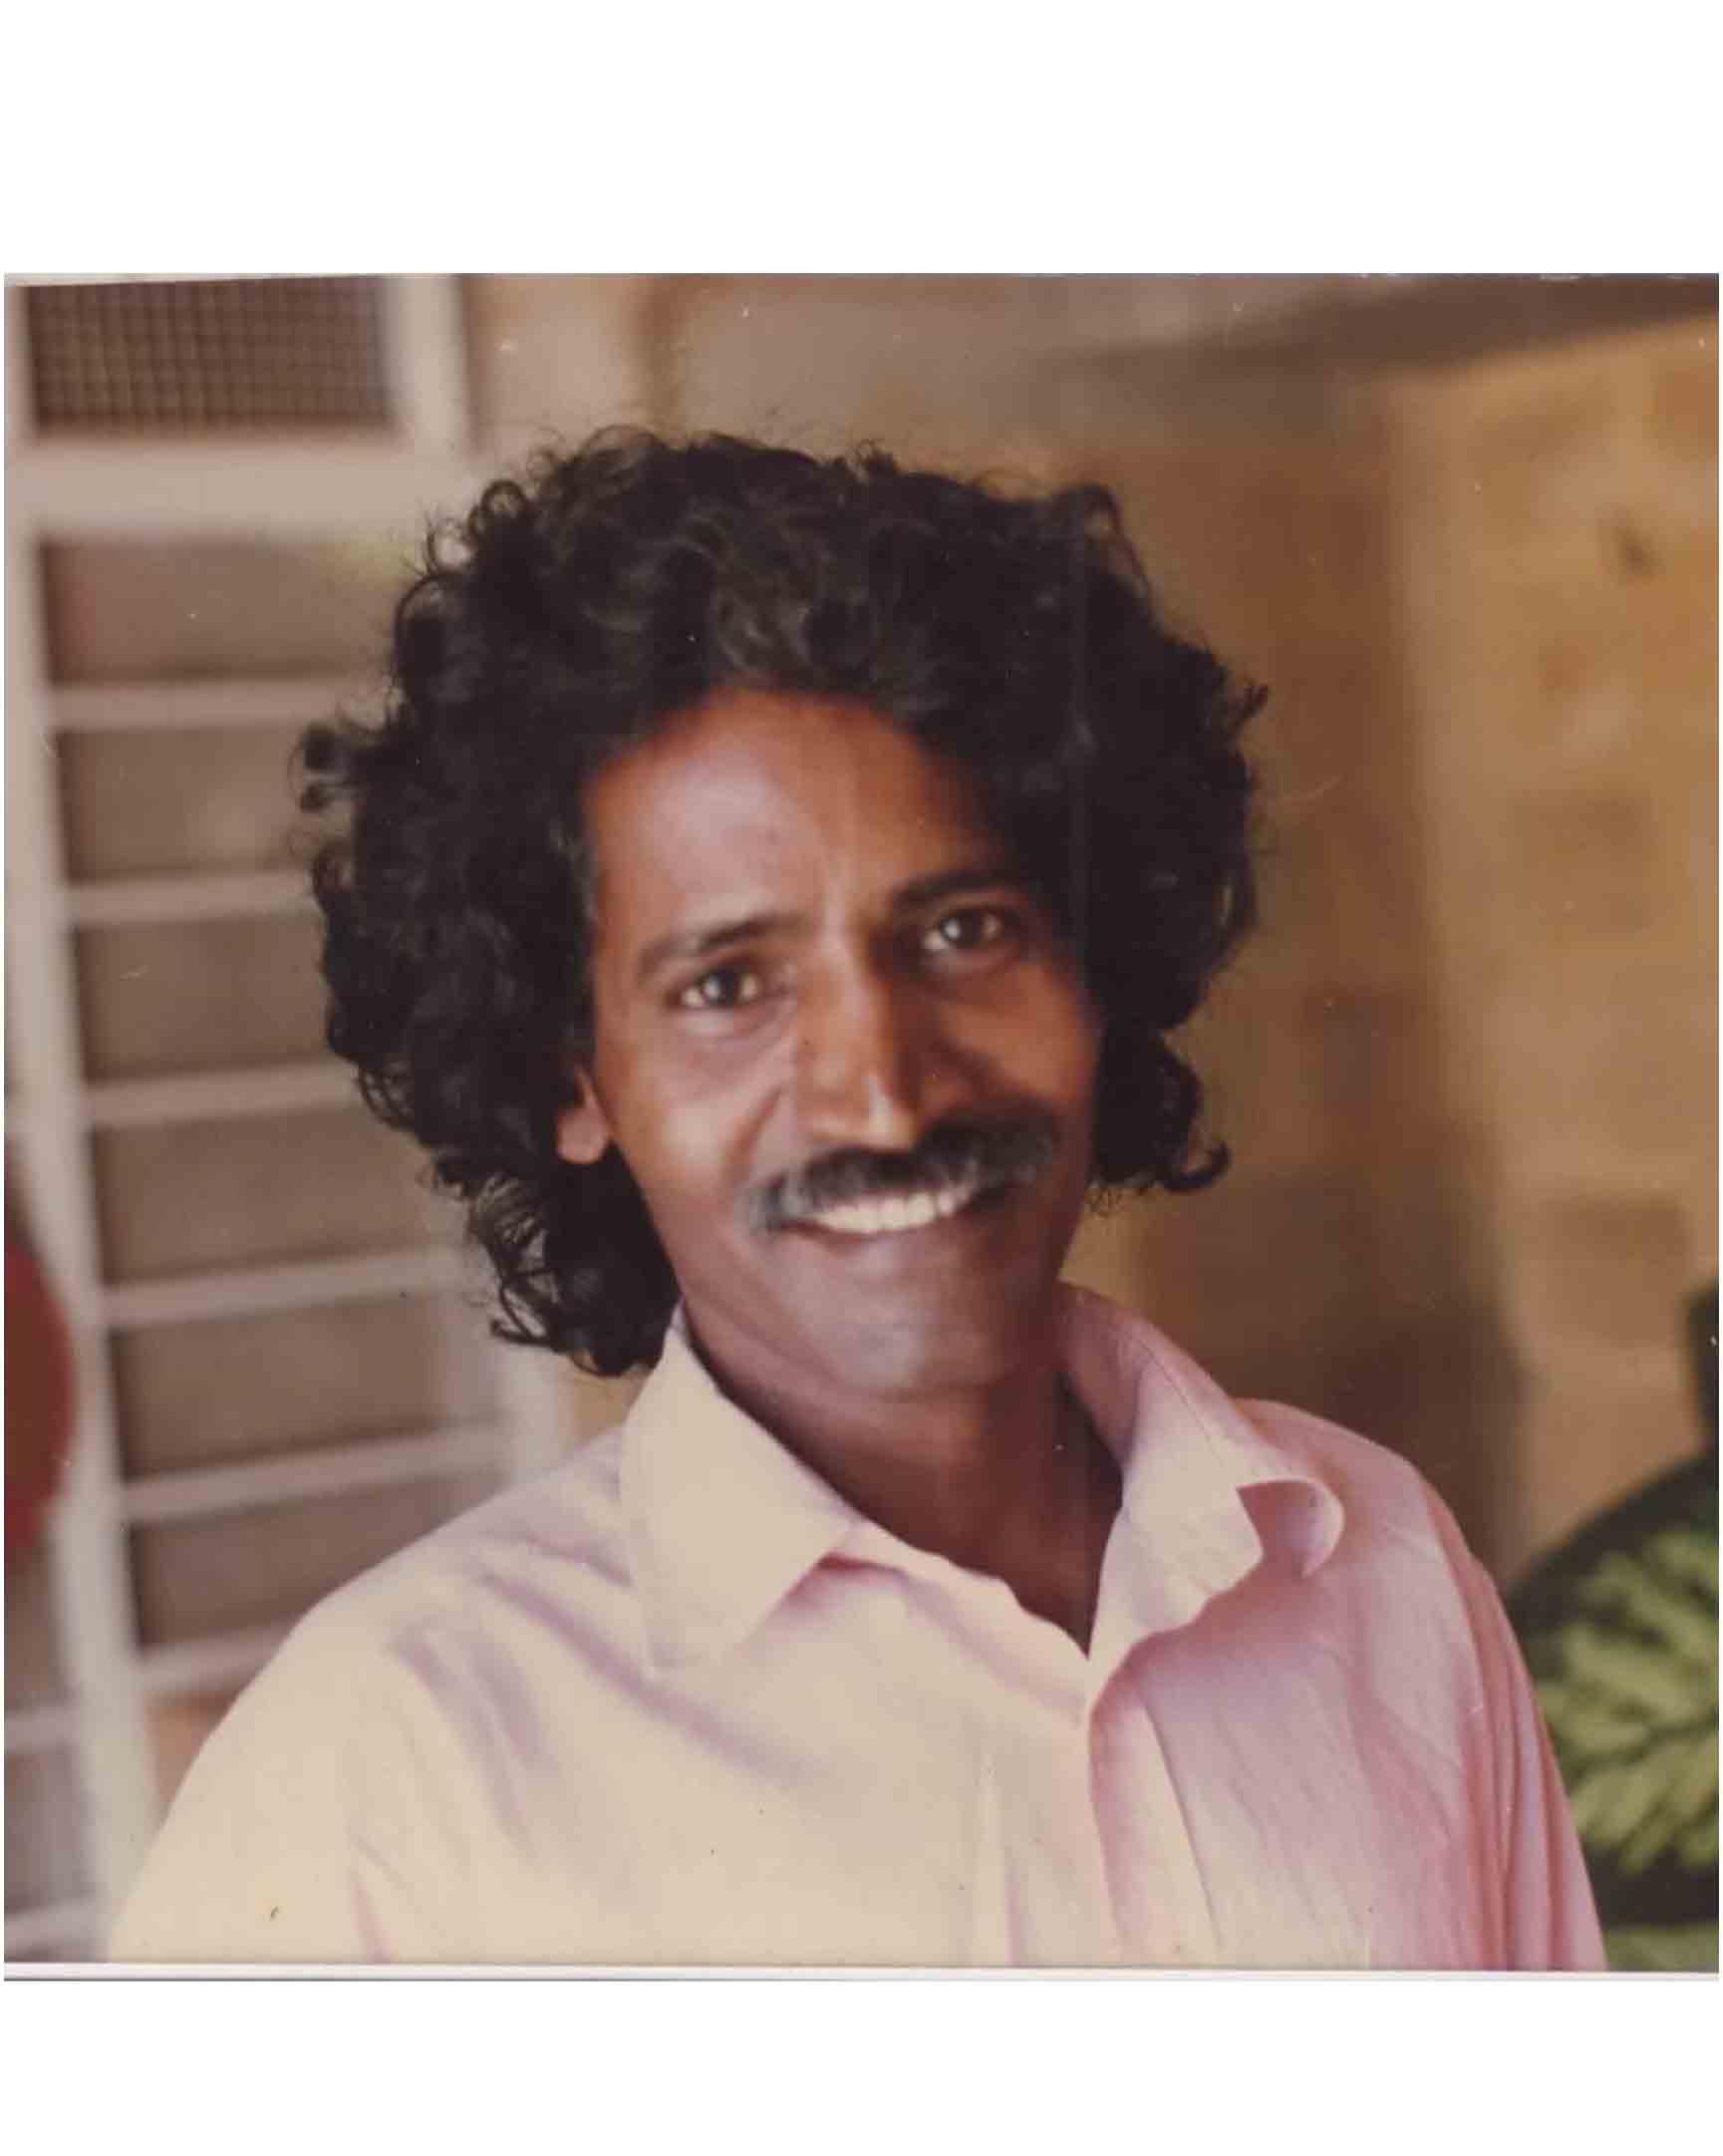 Young Raman